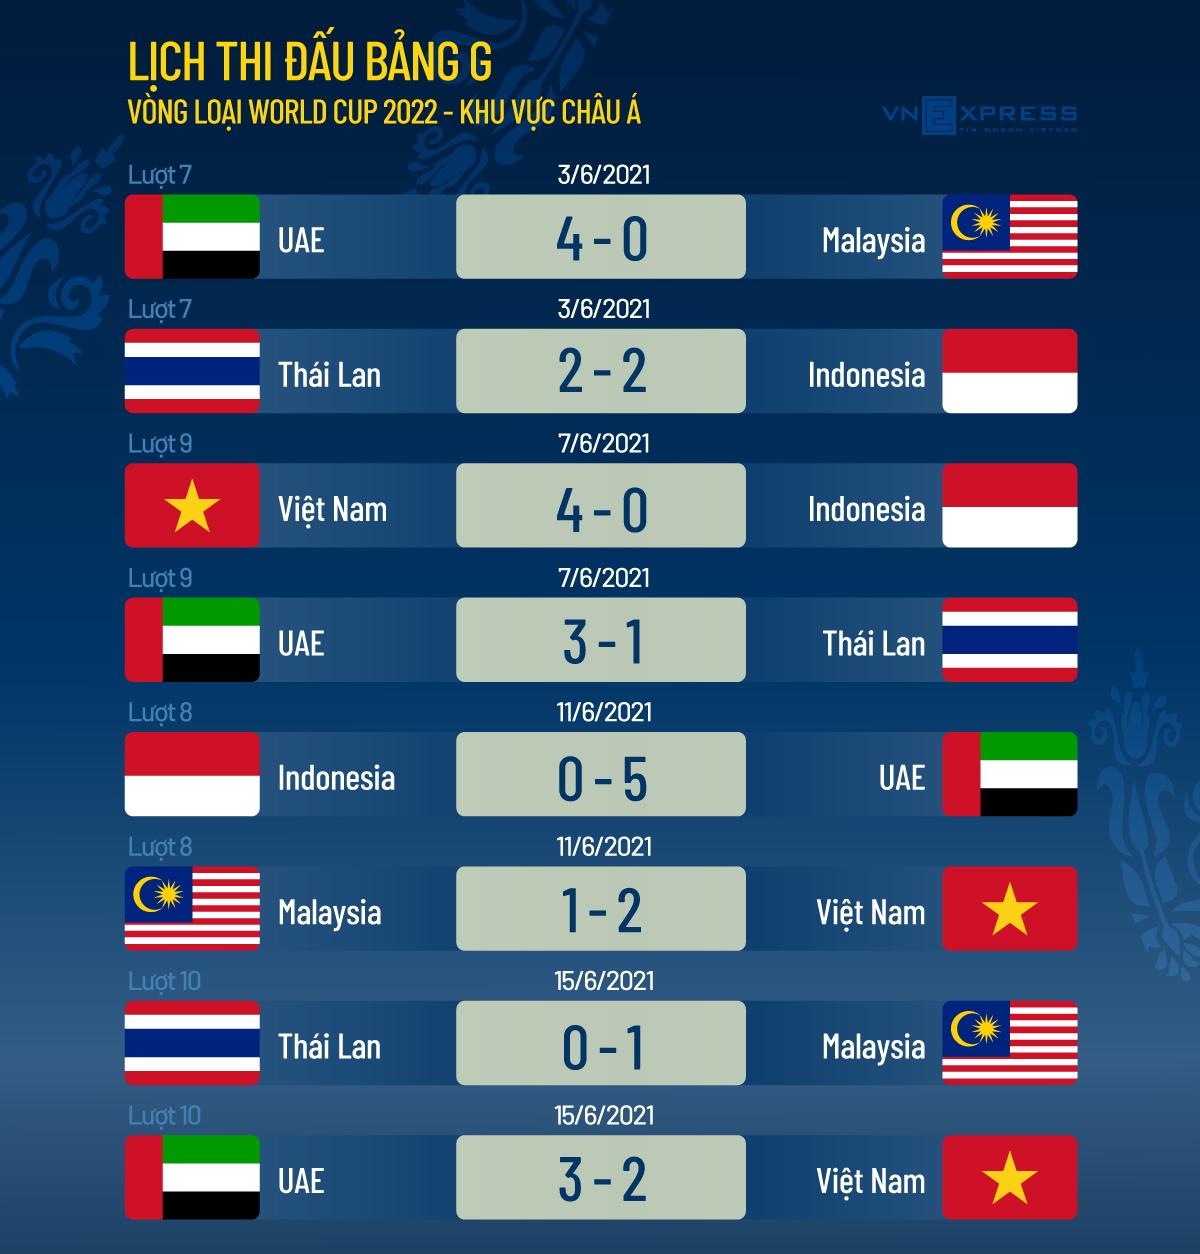 Trần Minh Vương: Hòa UAE thì đẹp biết bao - 2